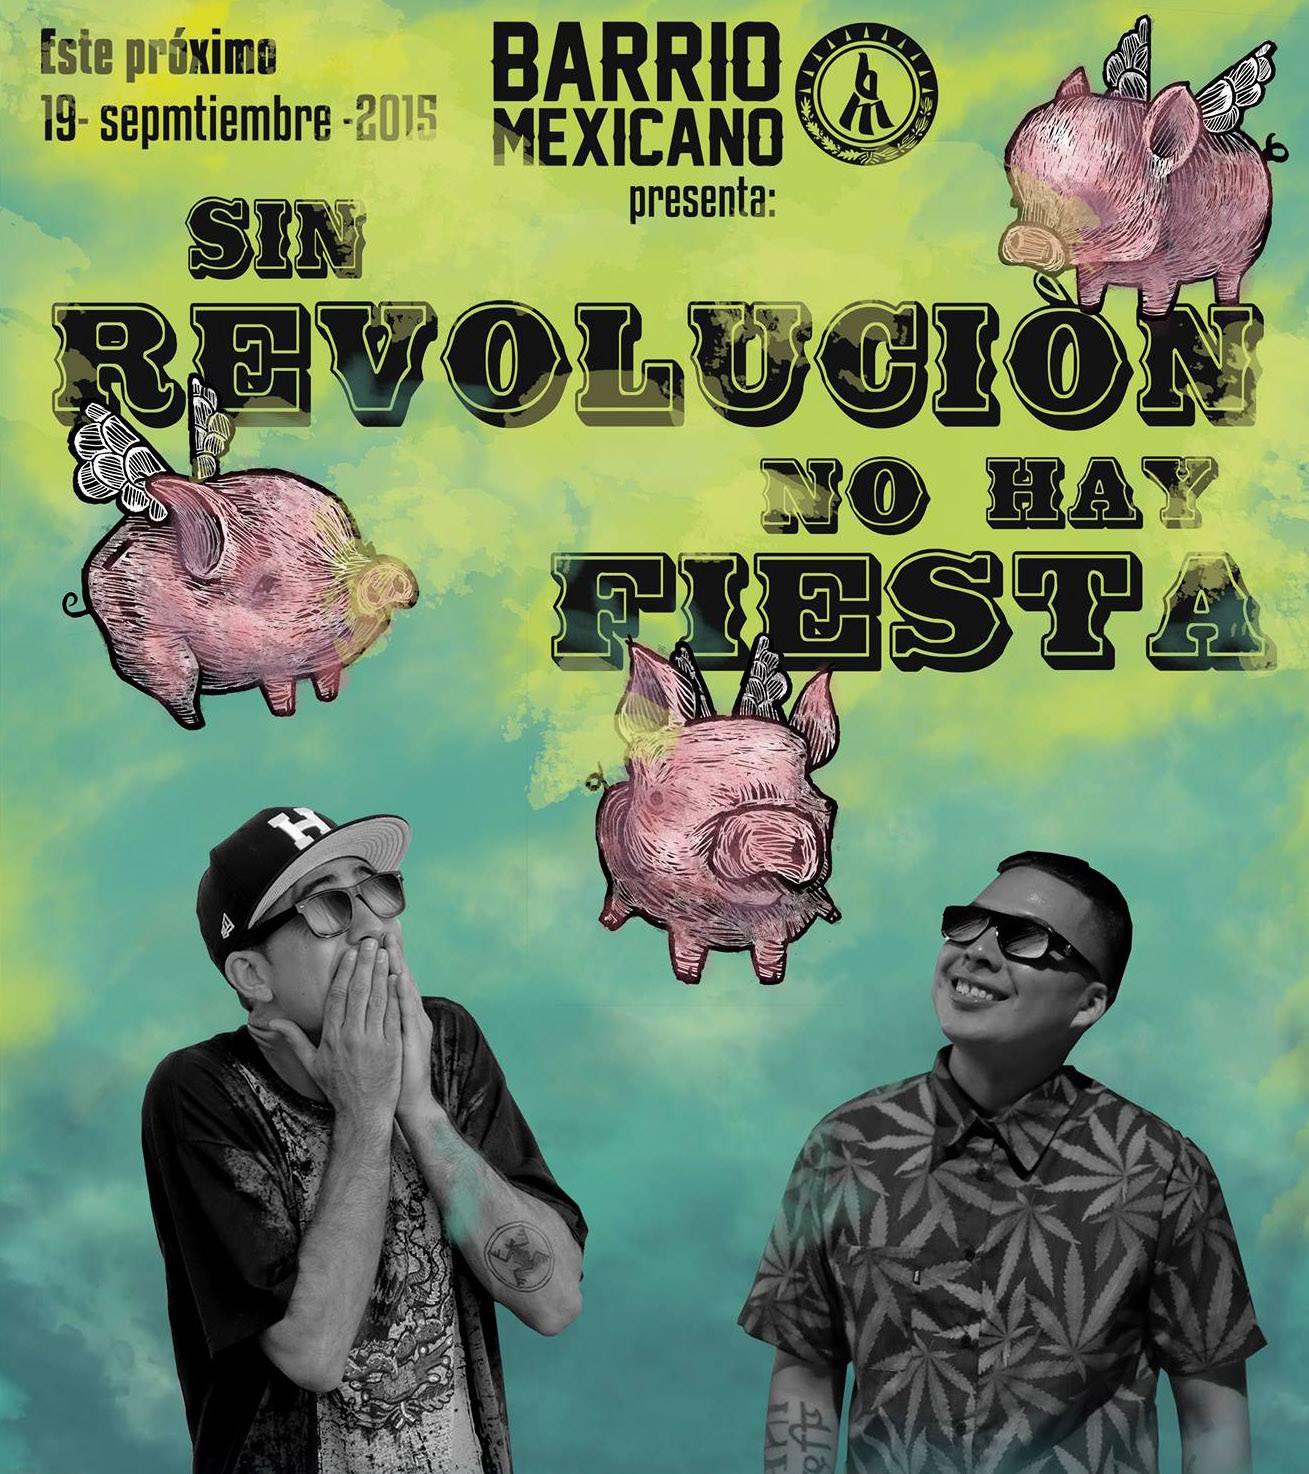 El Loco Viaje: Barrio Mexicano presenta Sin Revolución no hay Fiesta